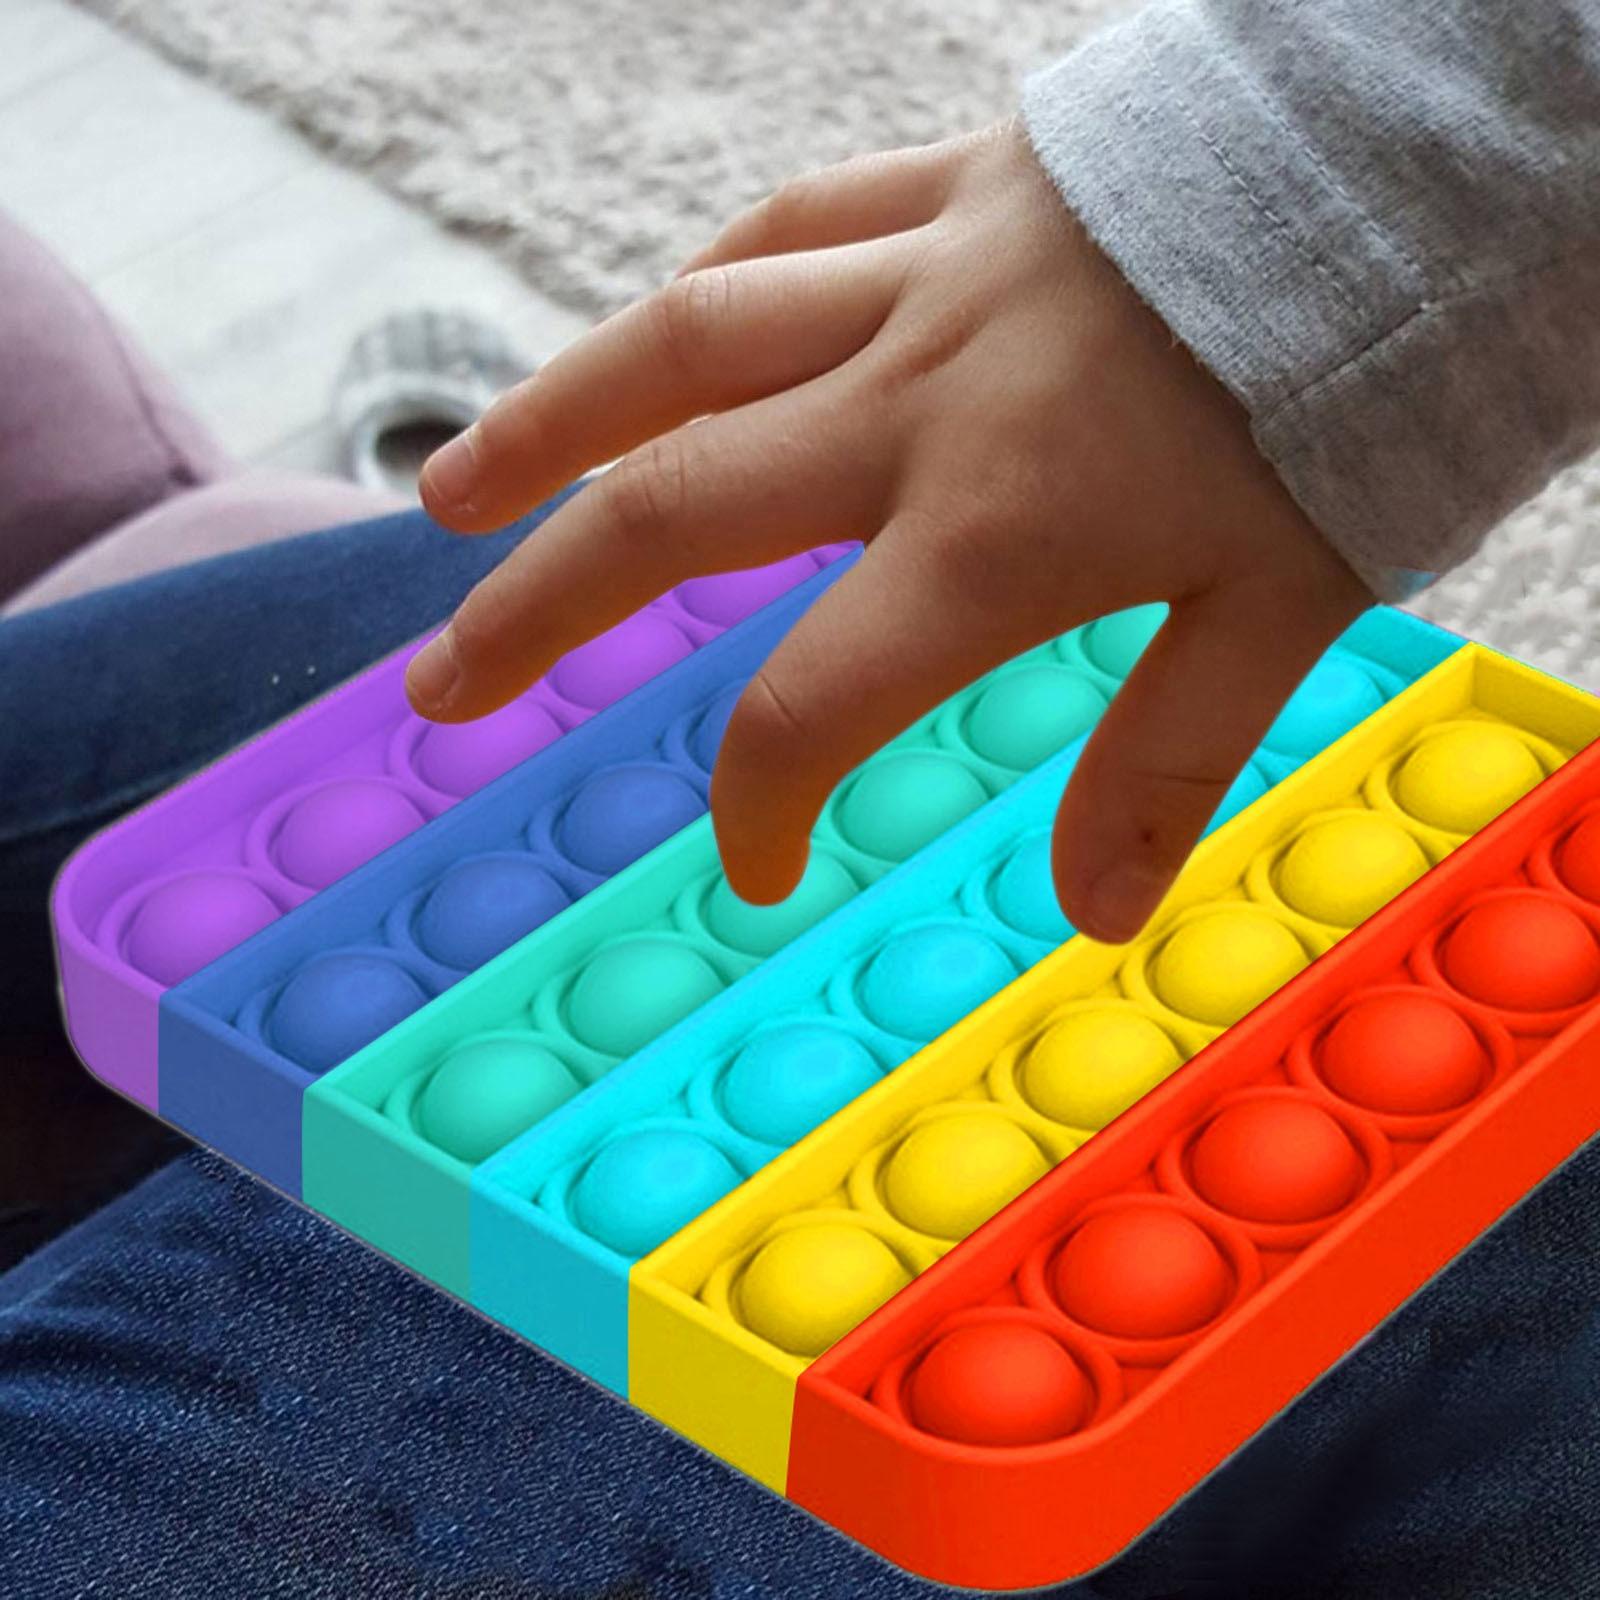 Fitget-Toys Sensory-Toy Autism Fidget Needs-Stress Pop-It-Game Push Bubble Reliever Popoit